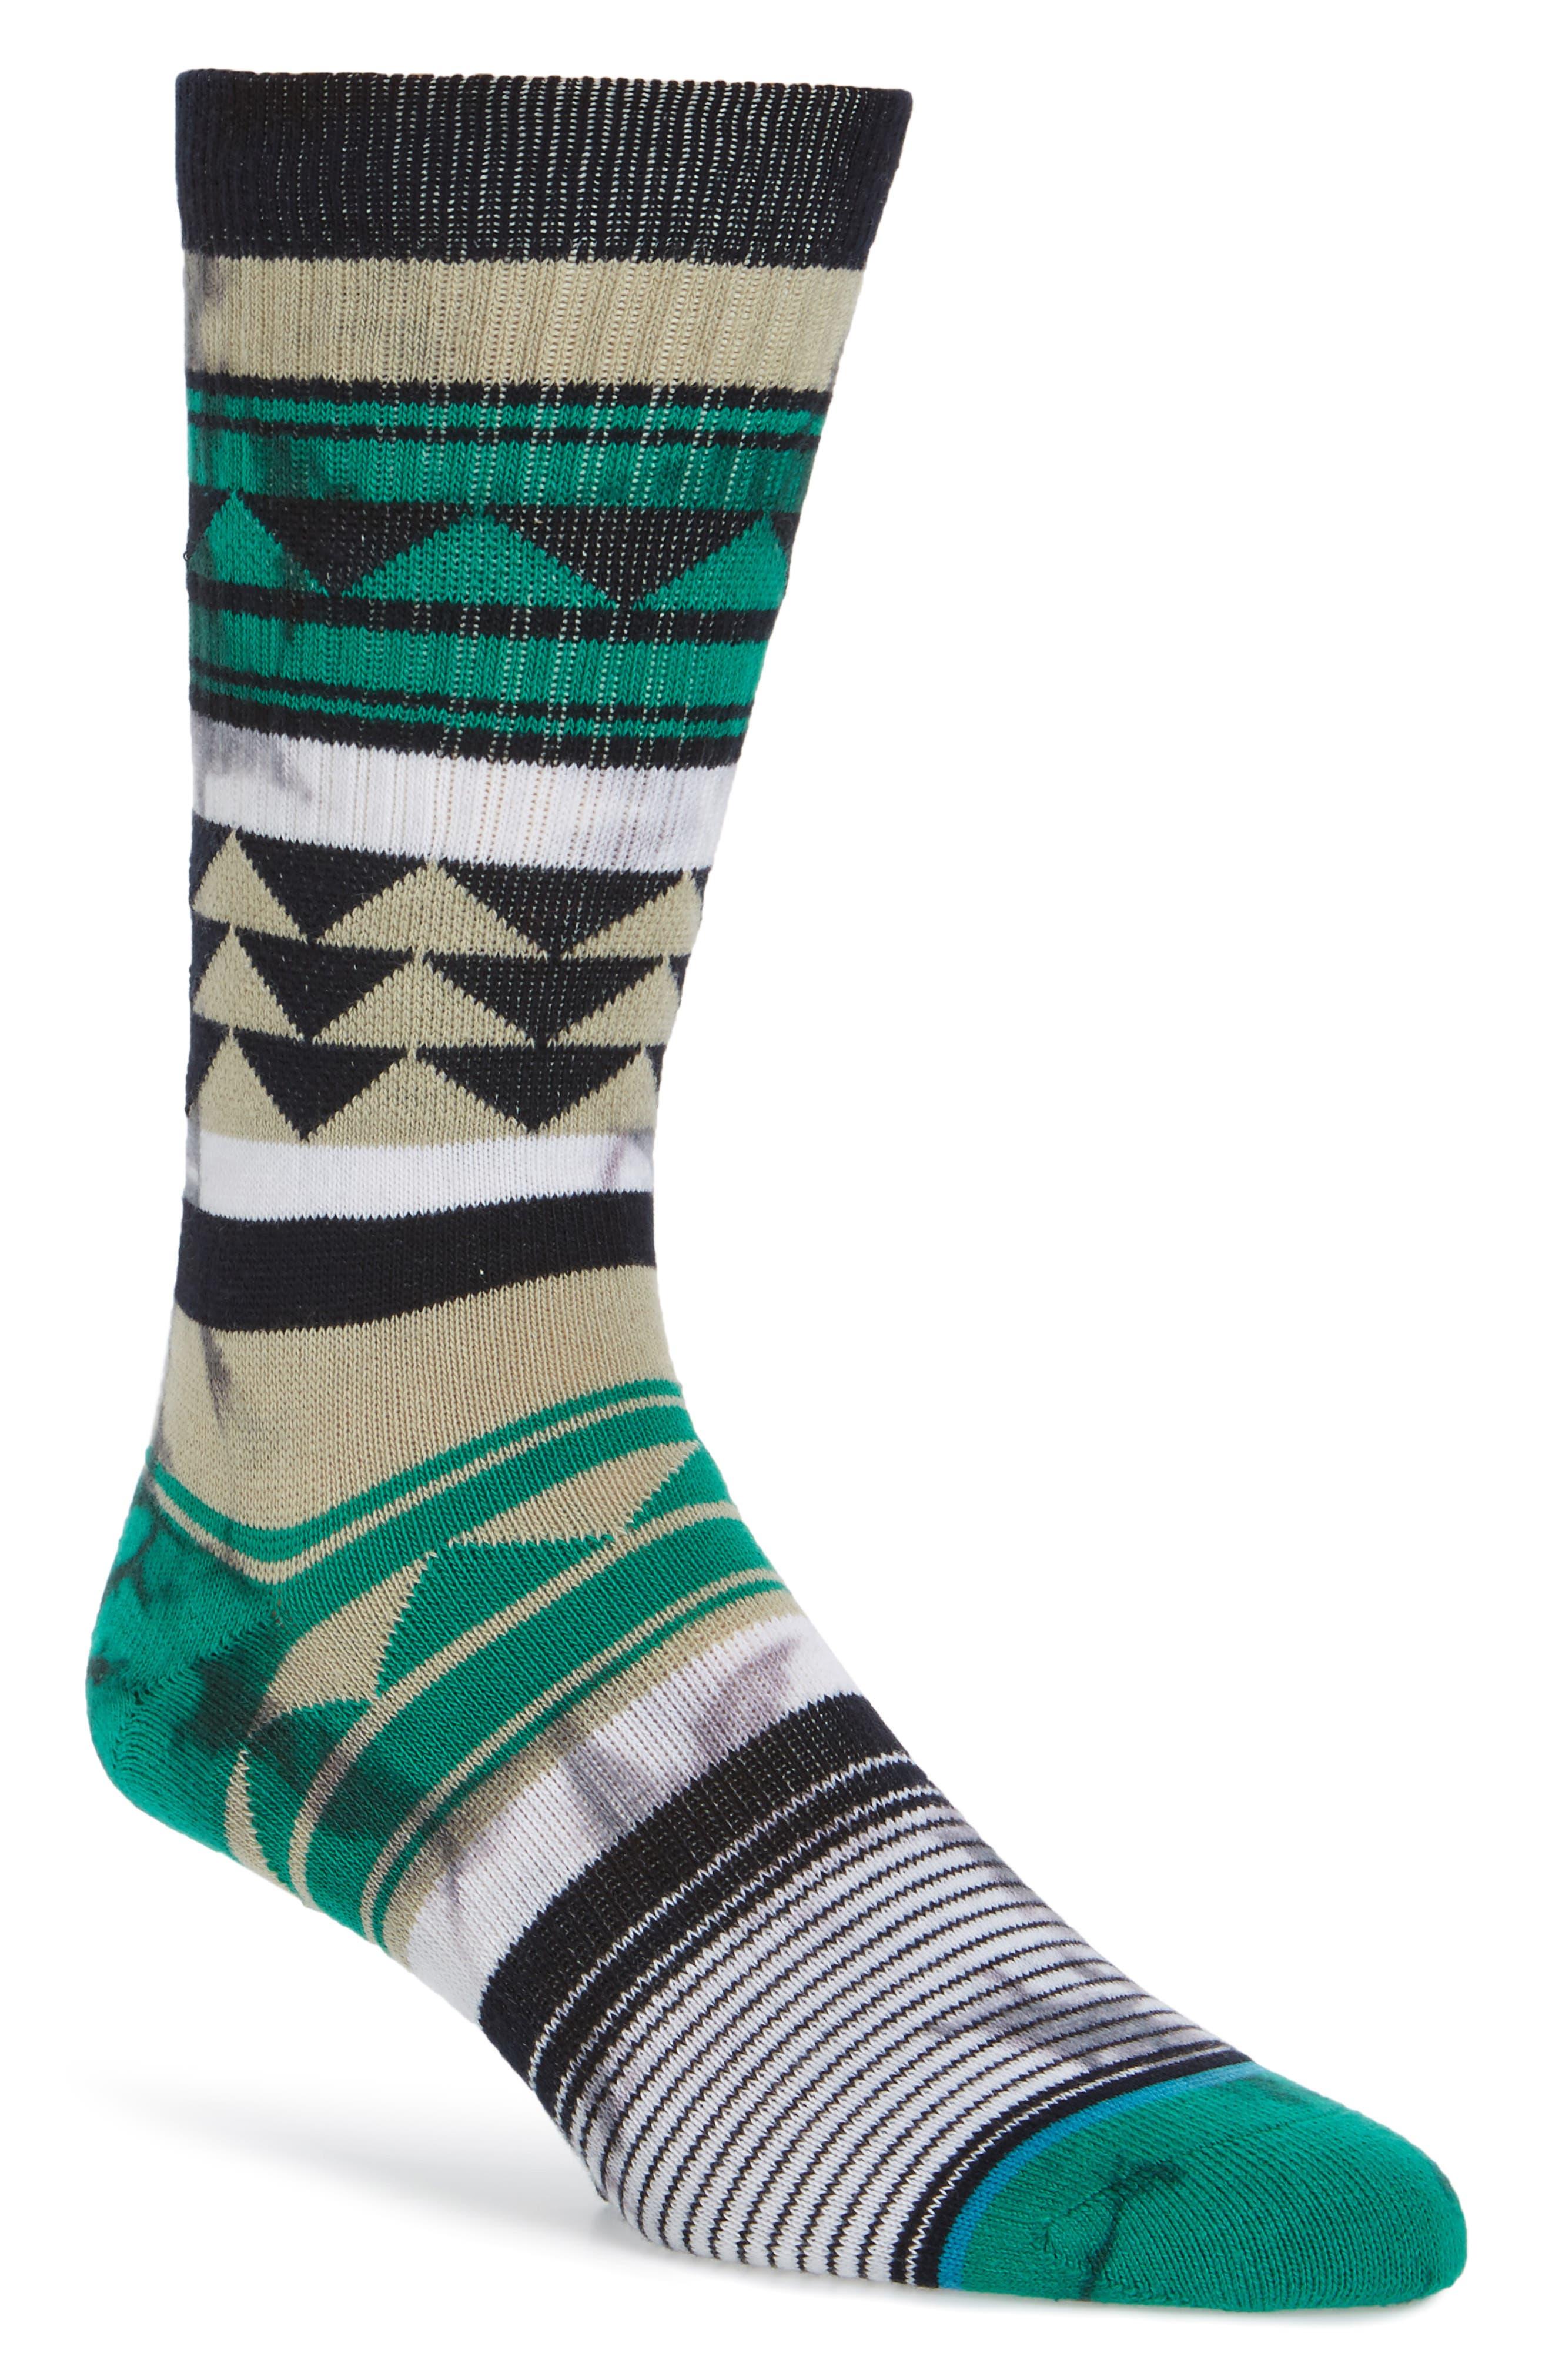 Pachuca Crew Socks,                             Main thumbnail 1, color,                             001